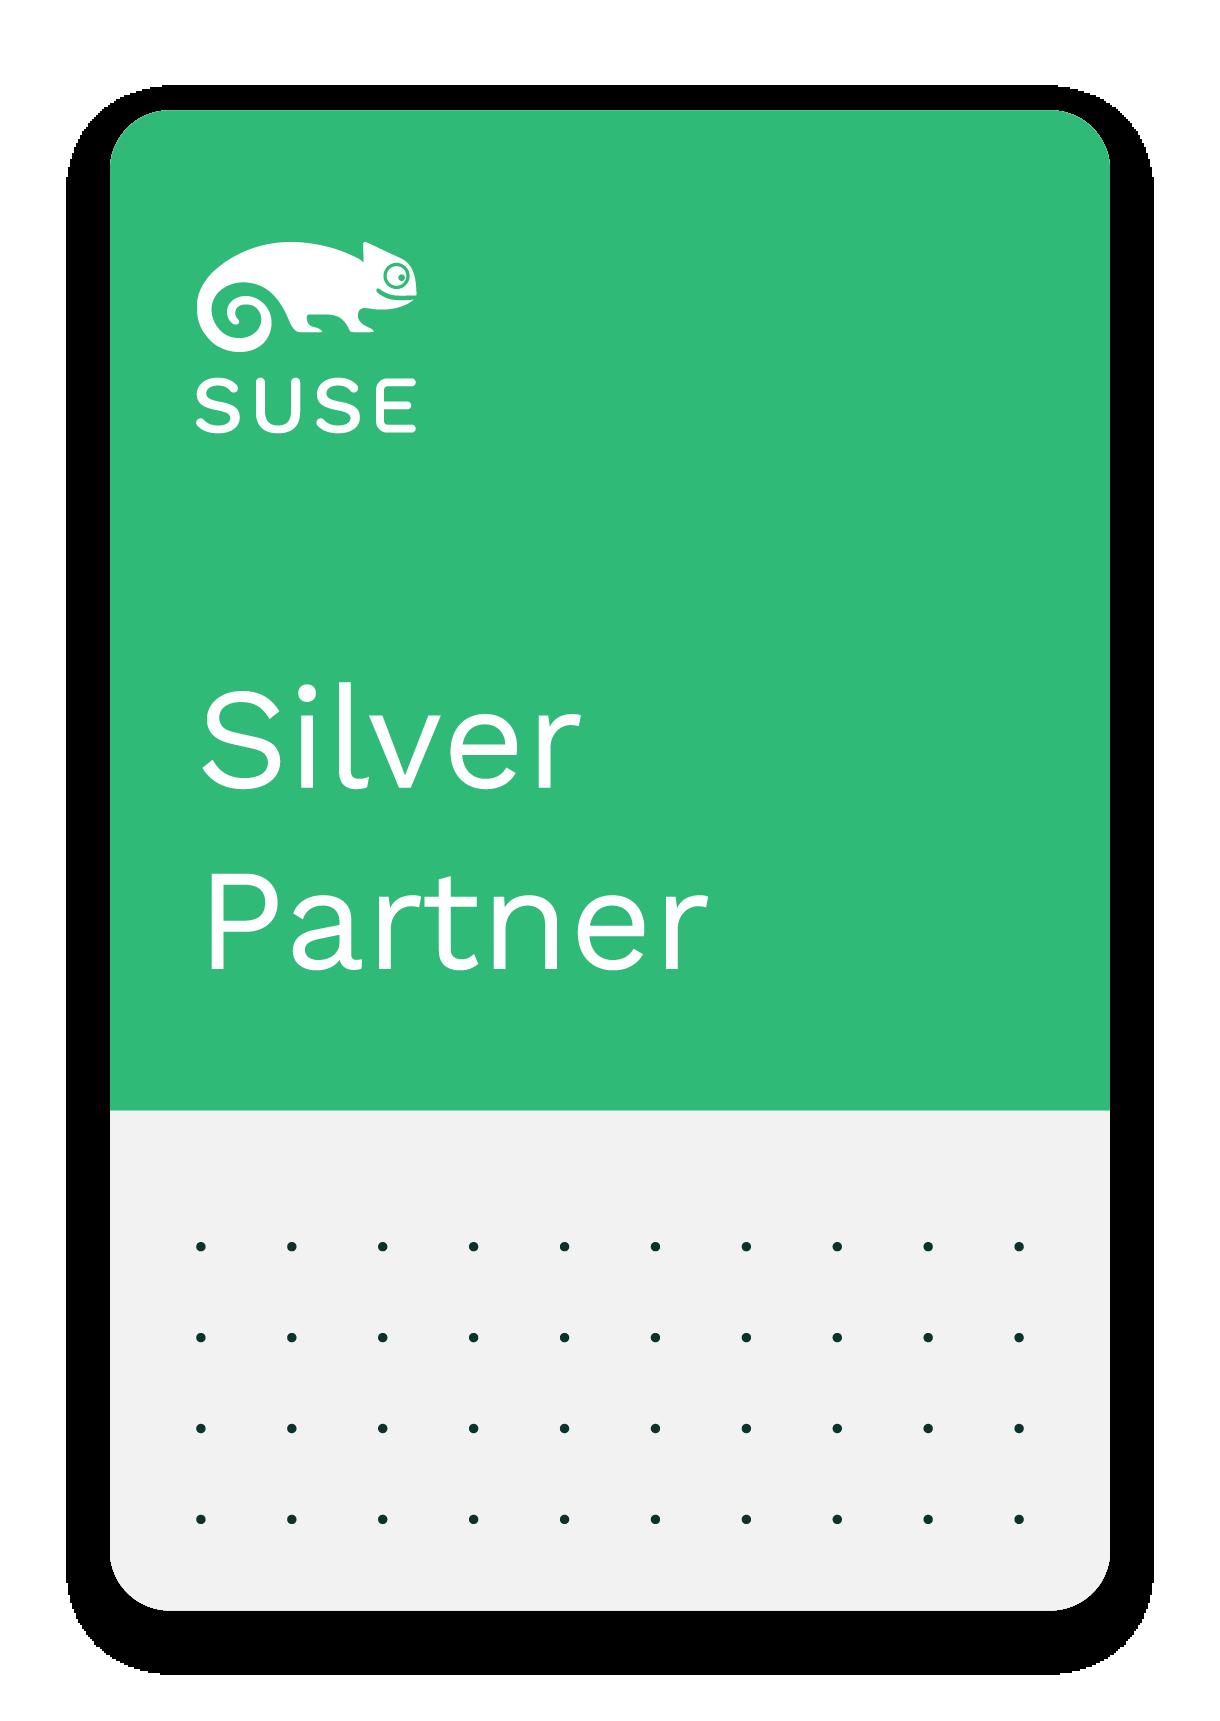 SUSE_color_silverPartner